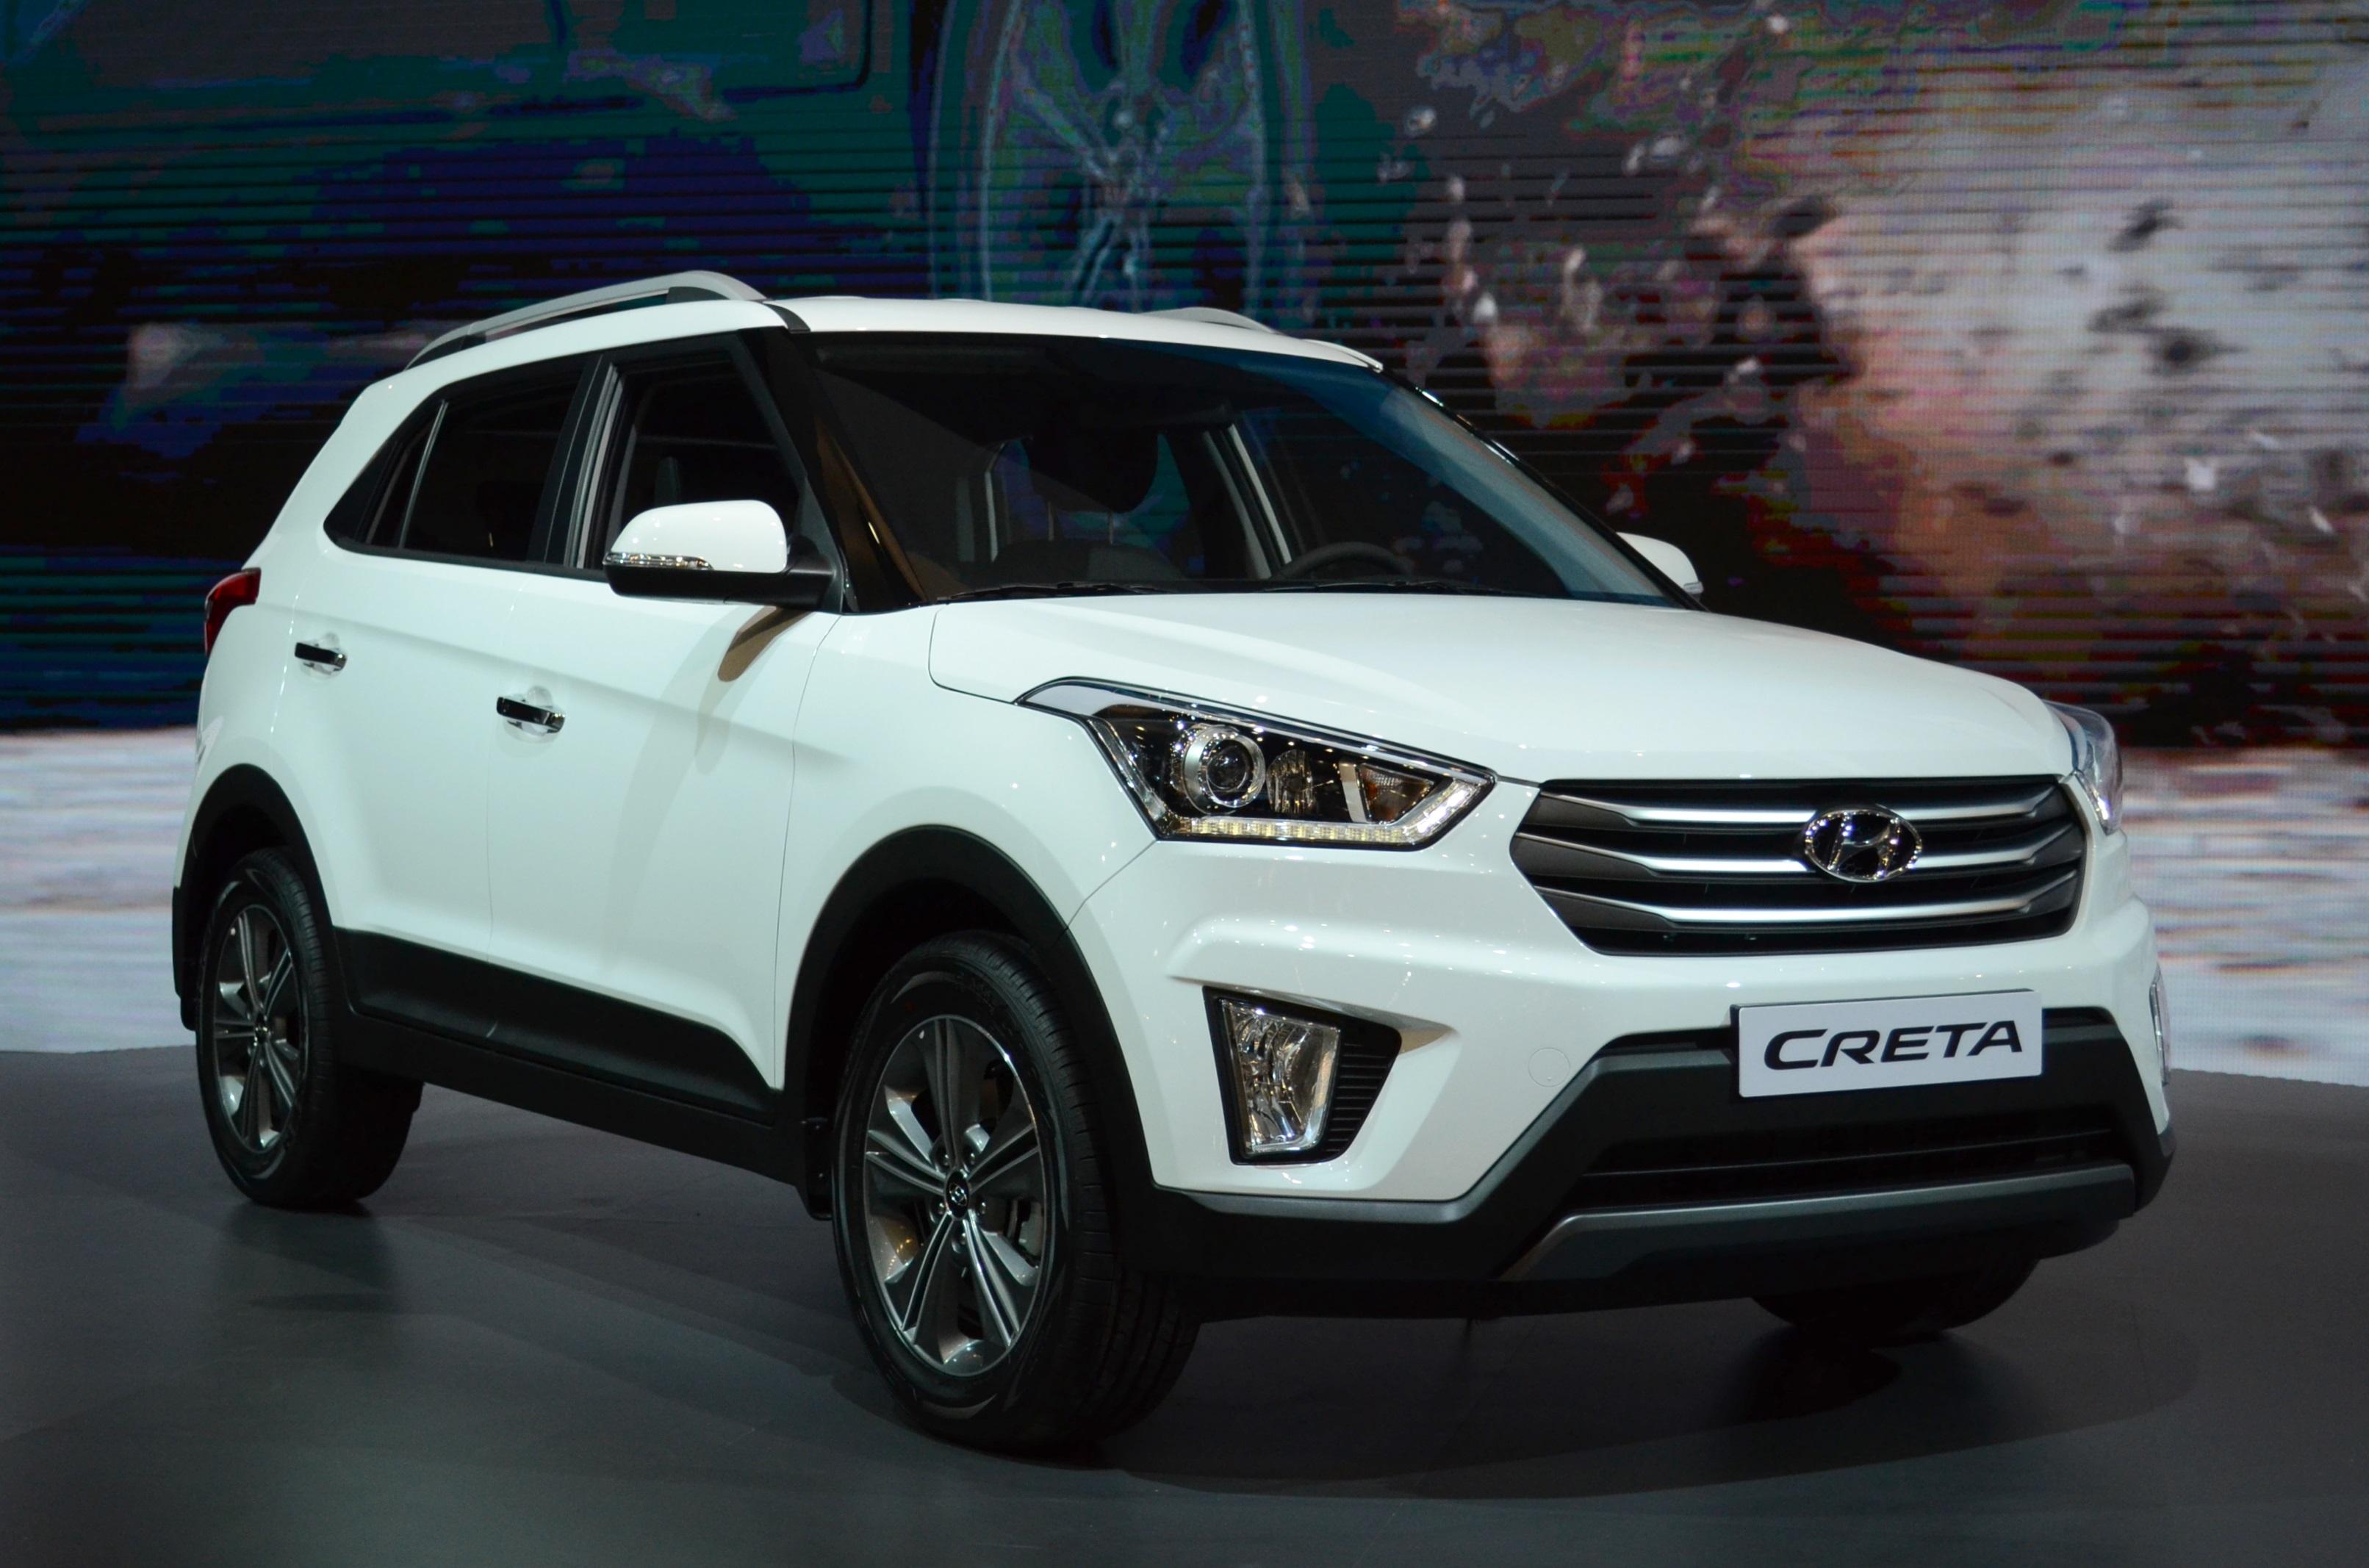 Преимущества автомобиля Hyundai Creta